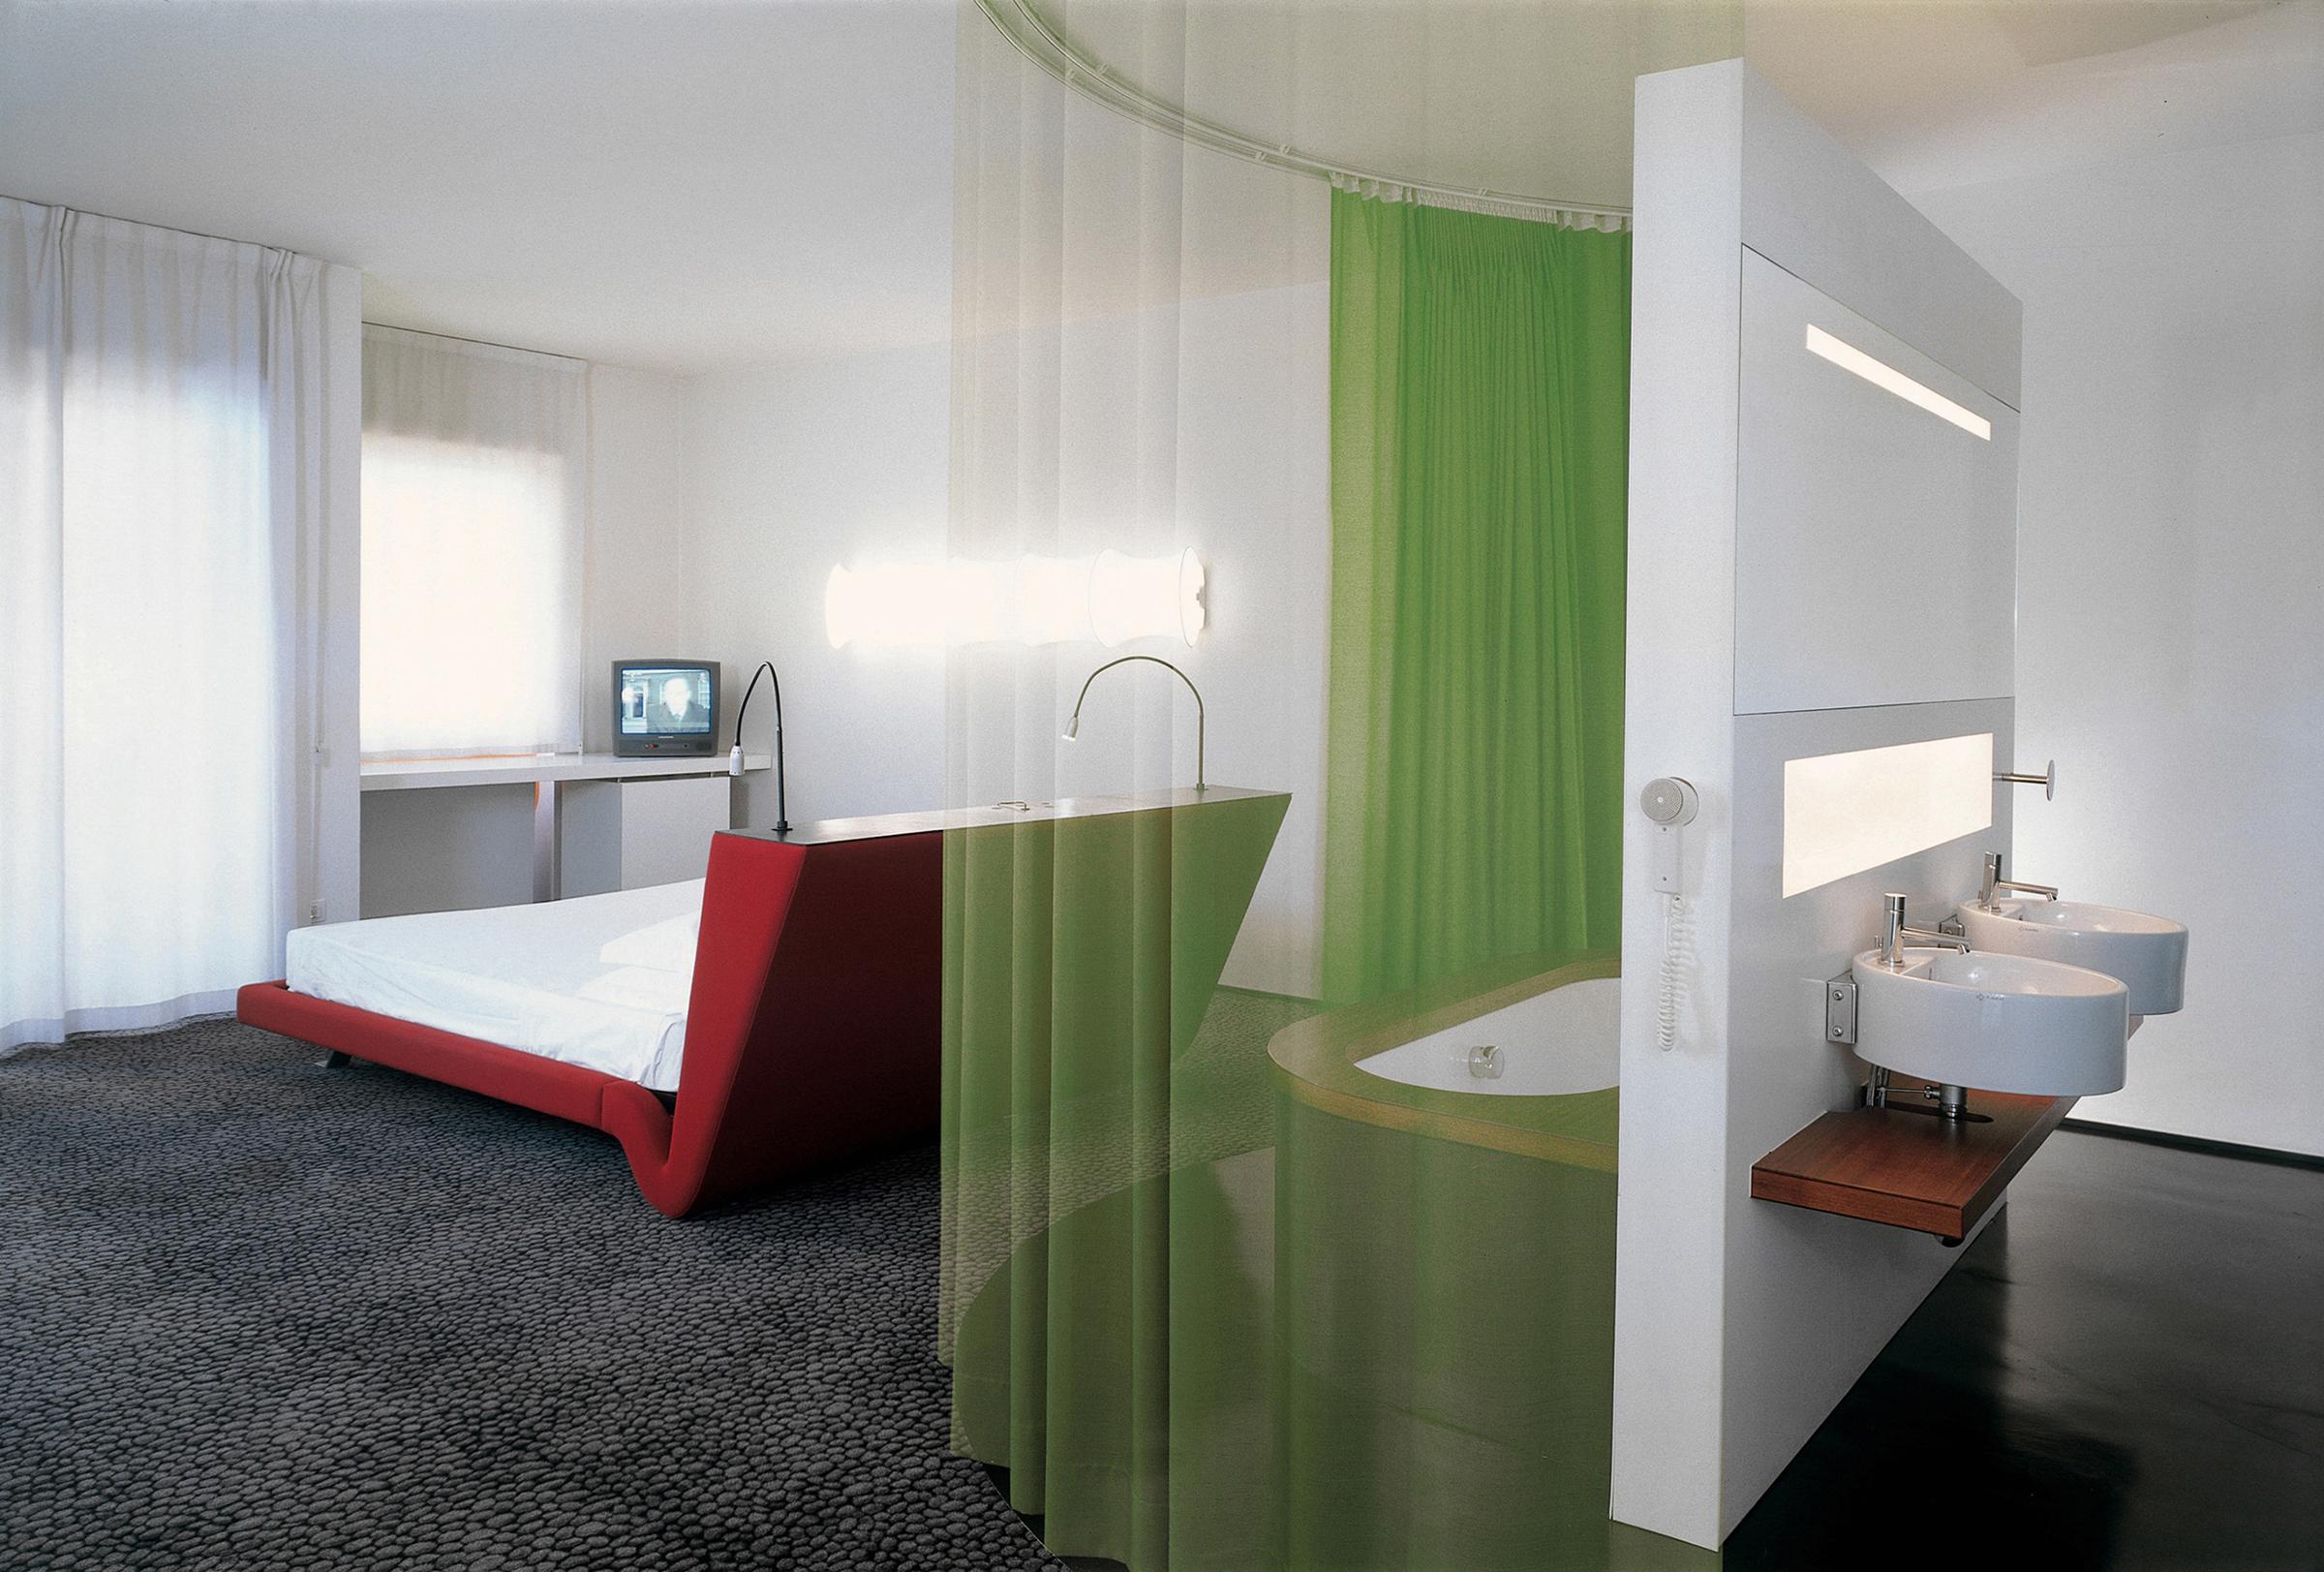 junior suite with open bathroom